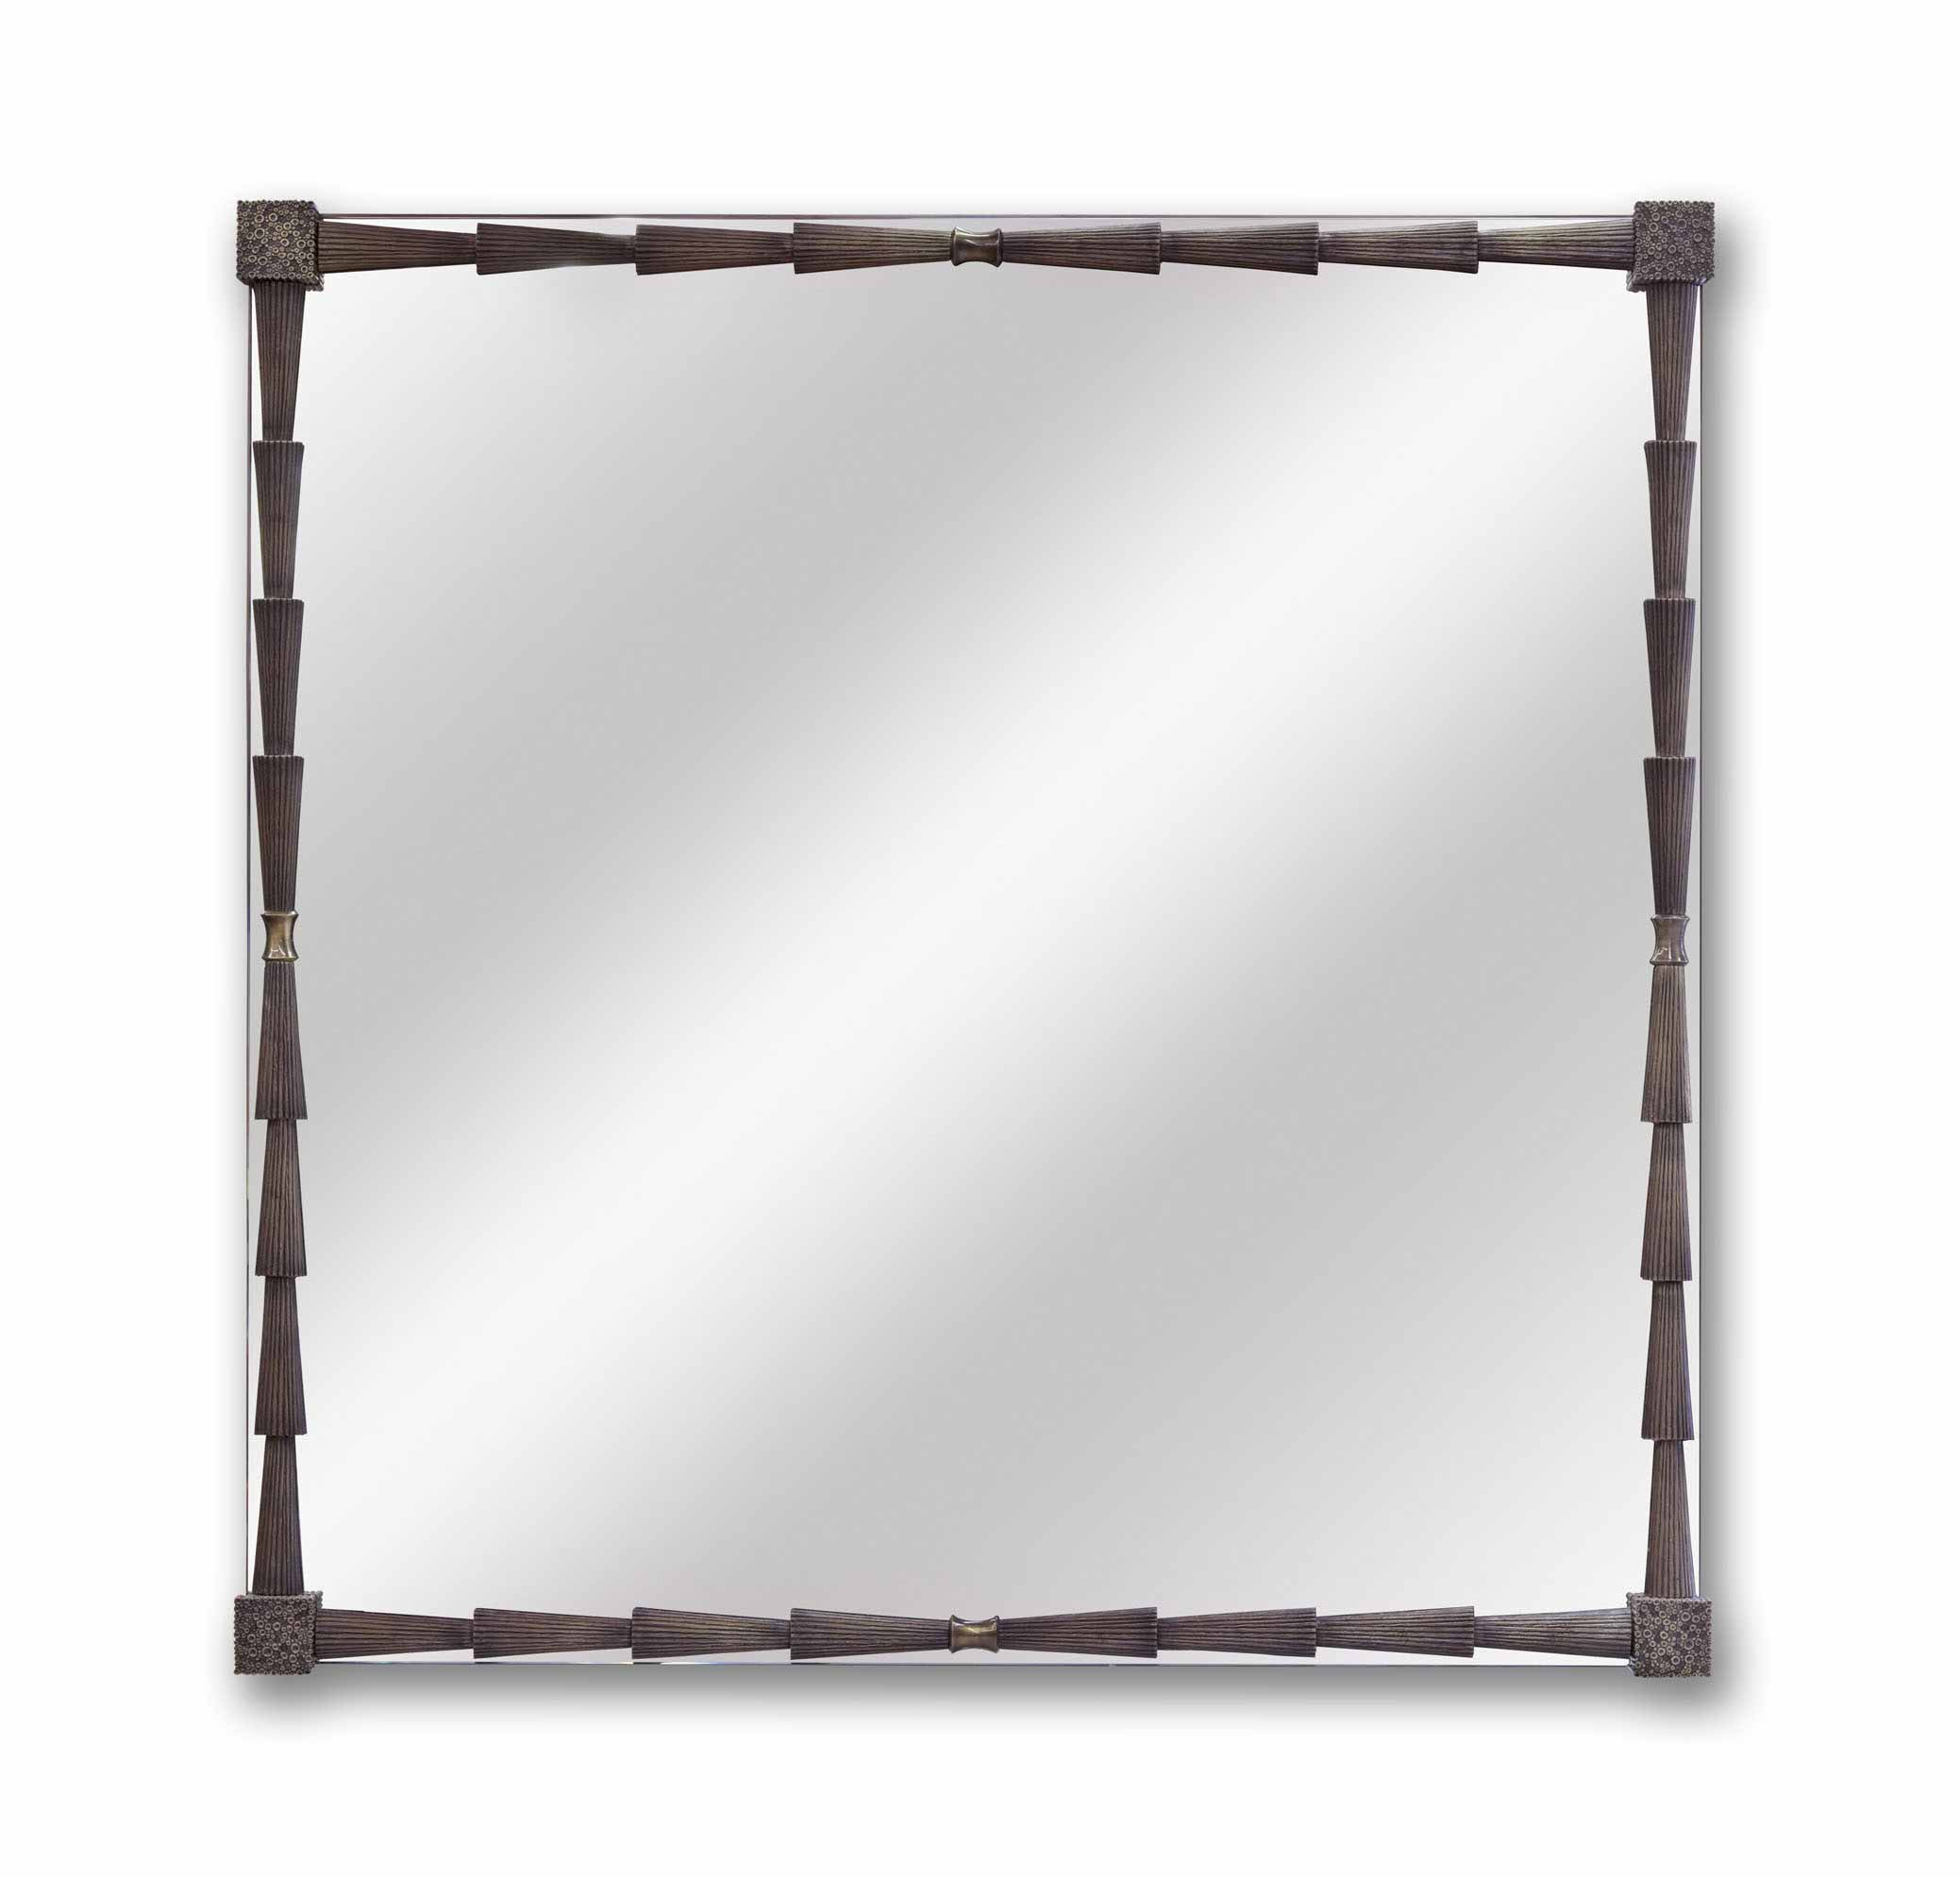 Miroirs & objets d'art - 13558B